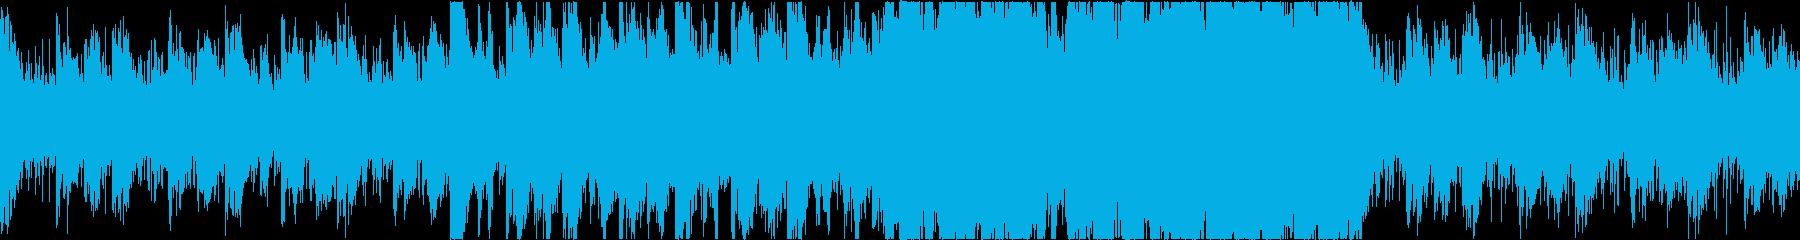 ゲームクエストなどを進行していくような曲の再生済みの波形